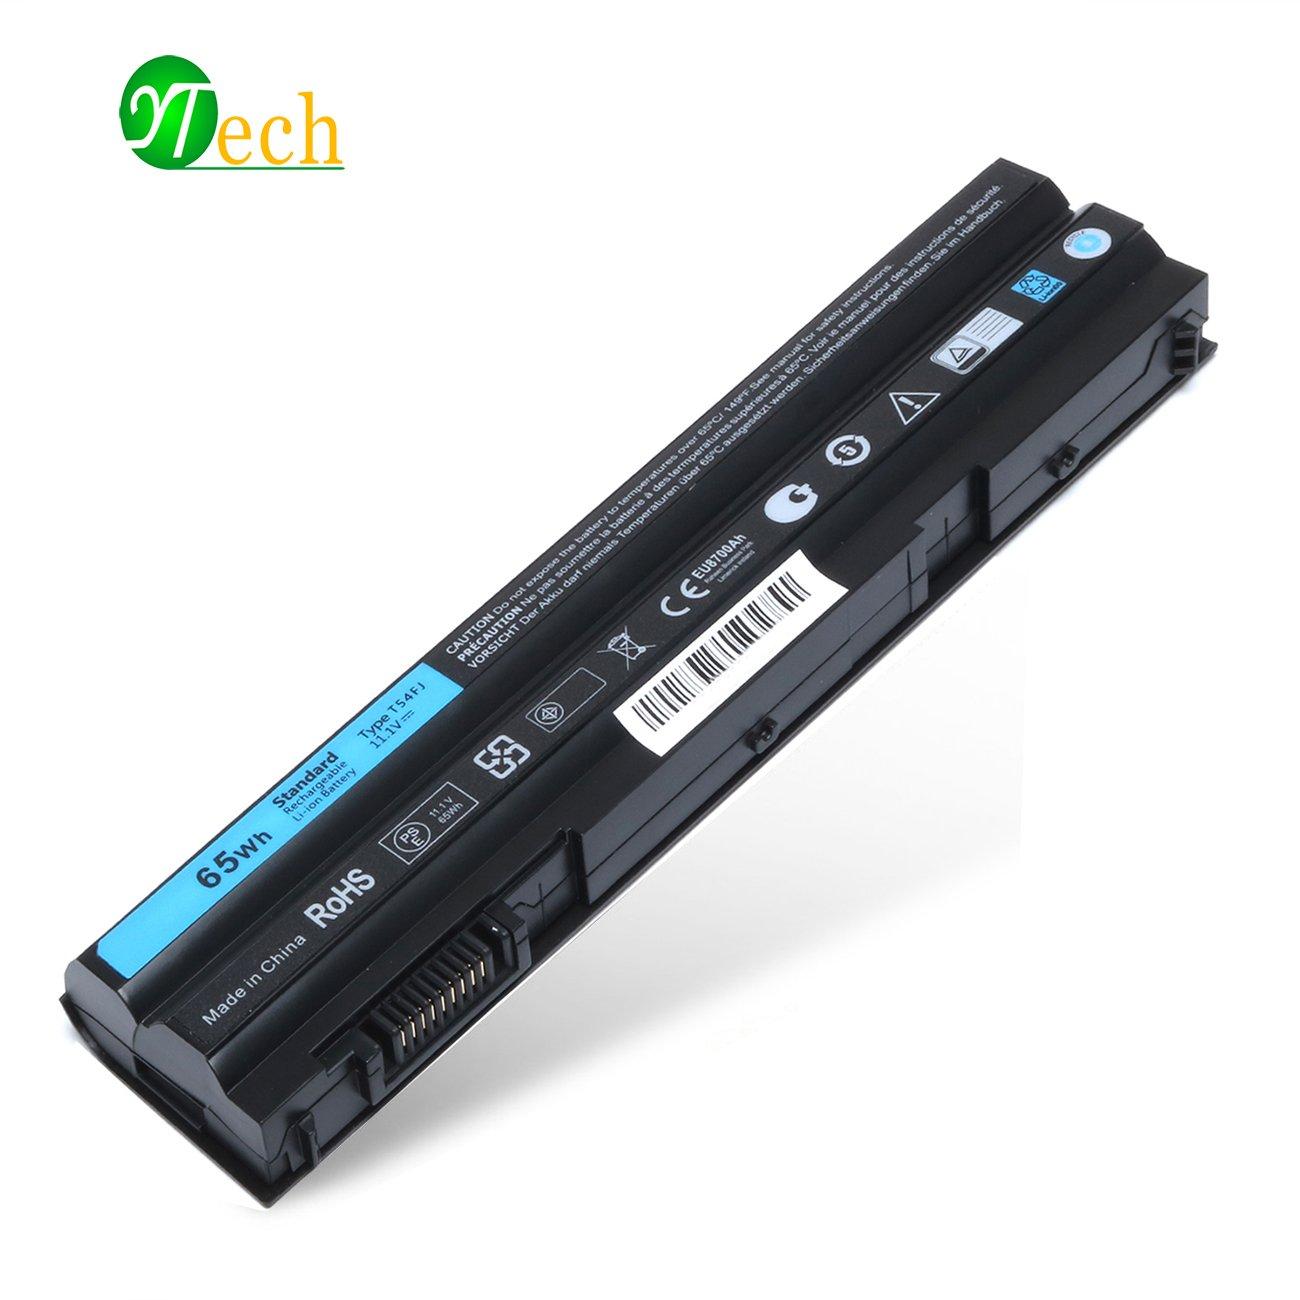 YTech T54FJ Laptop Battery For Dell Latitude E5420 E5430 E5520 E5530 E6420 E6430 E6520 E6530 Compatible P/N:312-1163 312-1242 T54F3 X 57F1 KJ321 M5Y0X HCJWT 7FJ92 NHXVW PRRRF-6-Cell/5200mAh